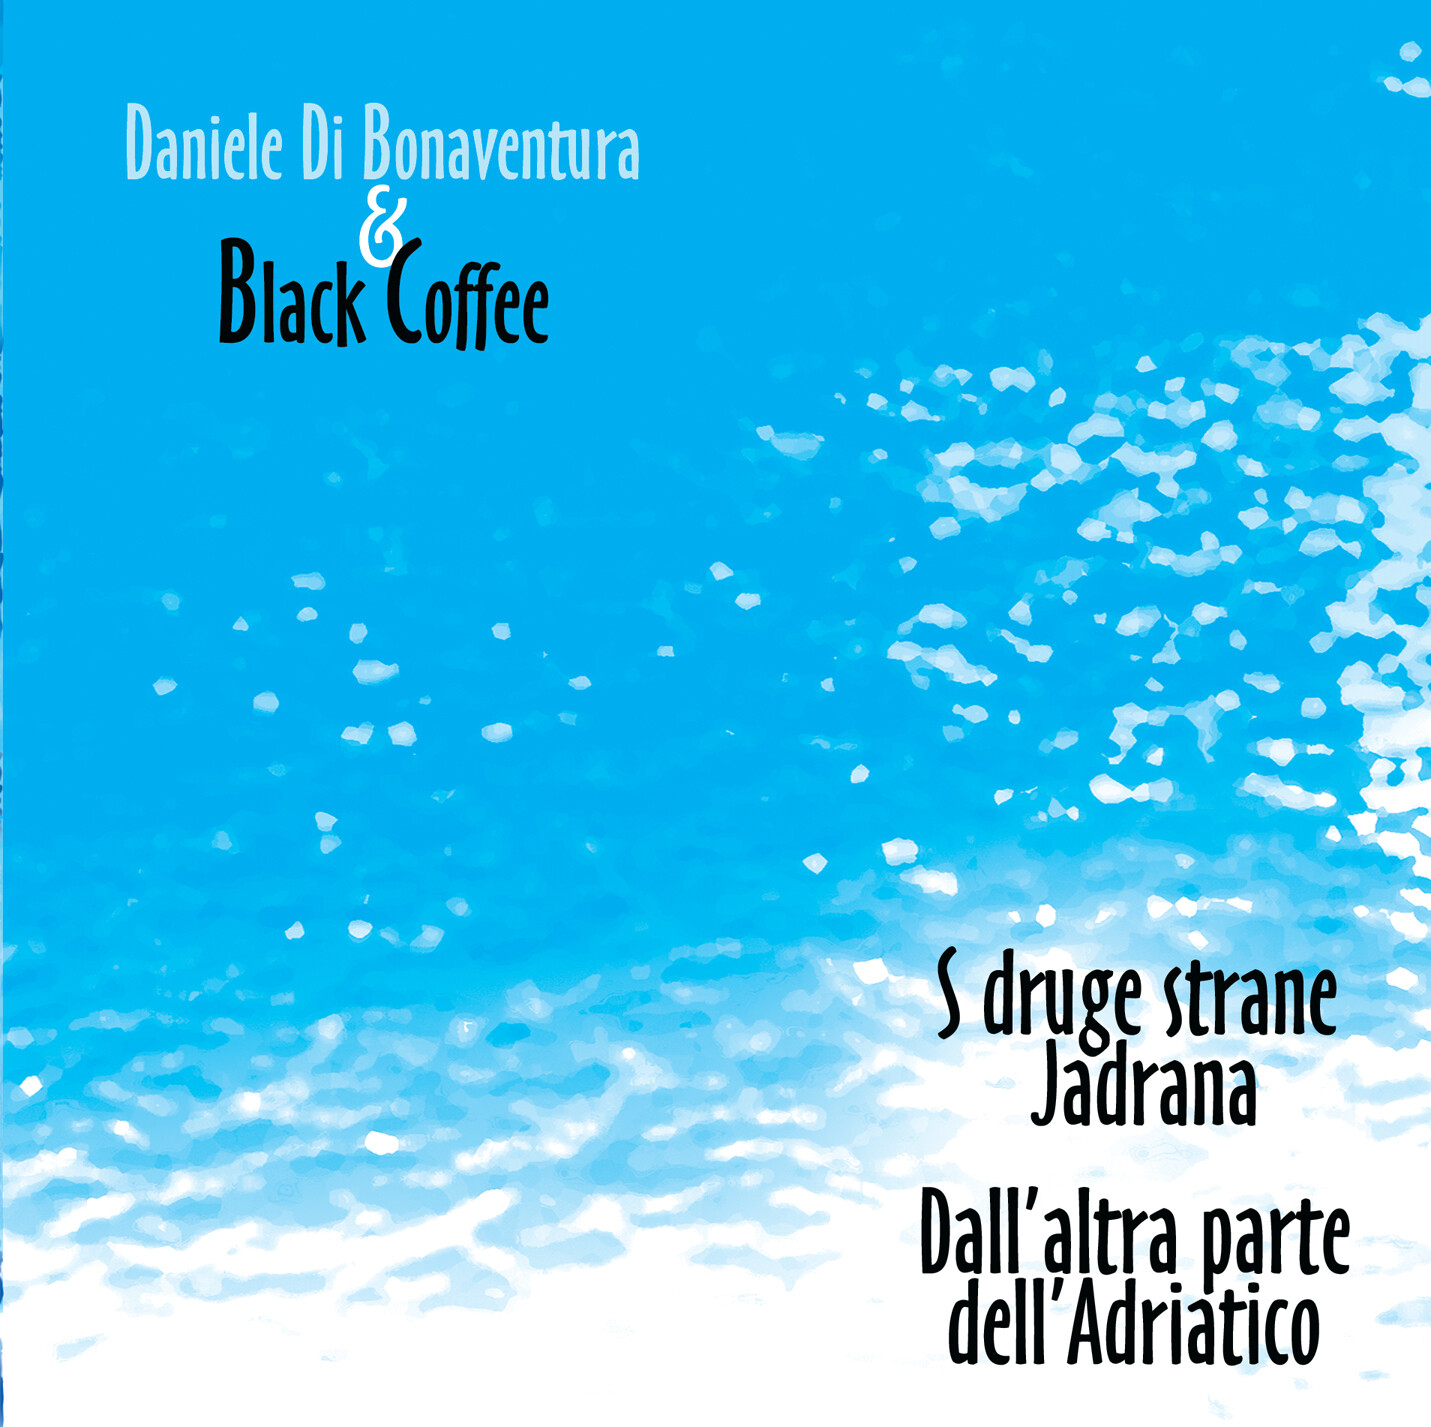 DANIELE DI BONAVENTURA & BLACK COFFEE «Dall'altra parte dell'Adriatico/S druge strane Jadrana»